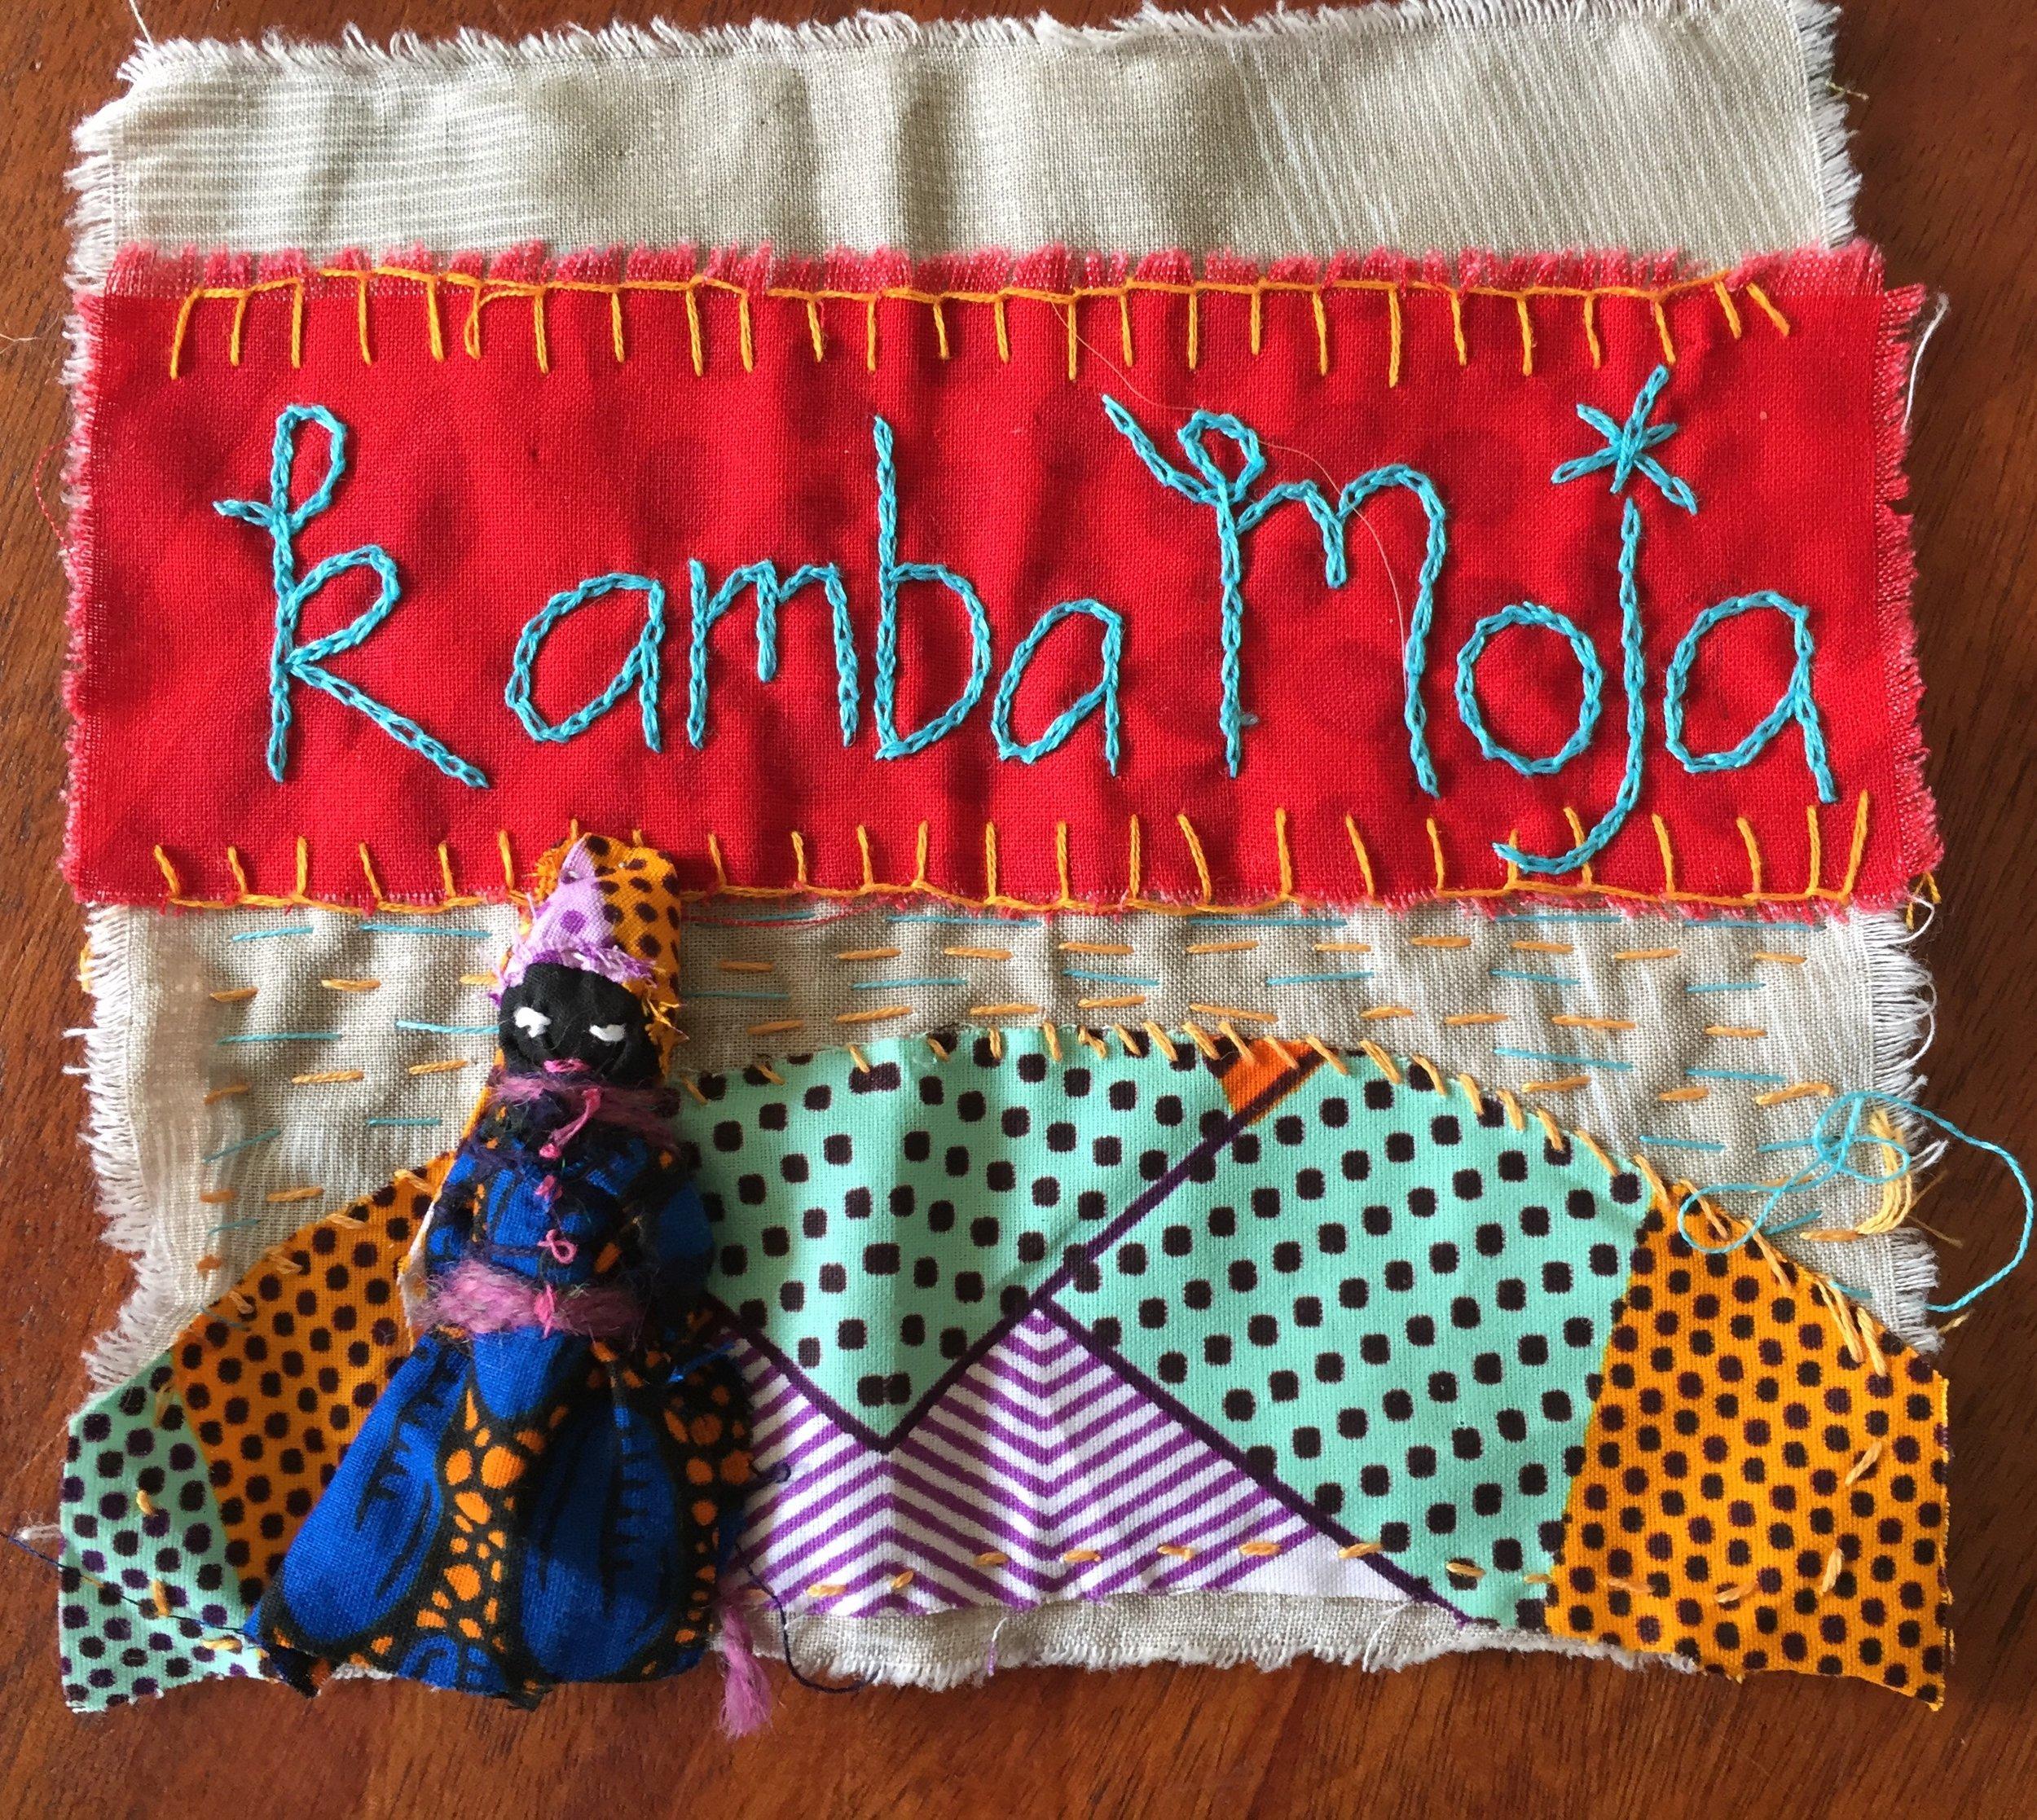 Kamba Moja 2.jpg